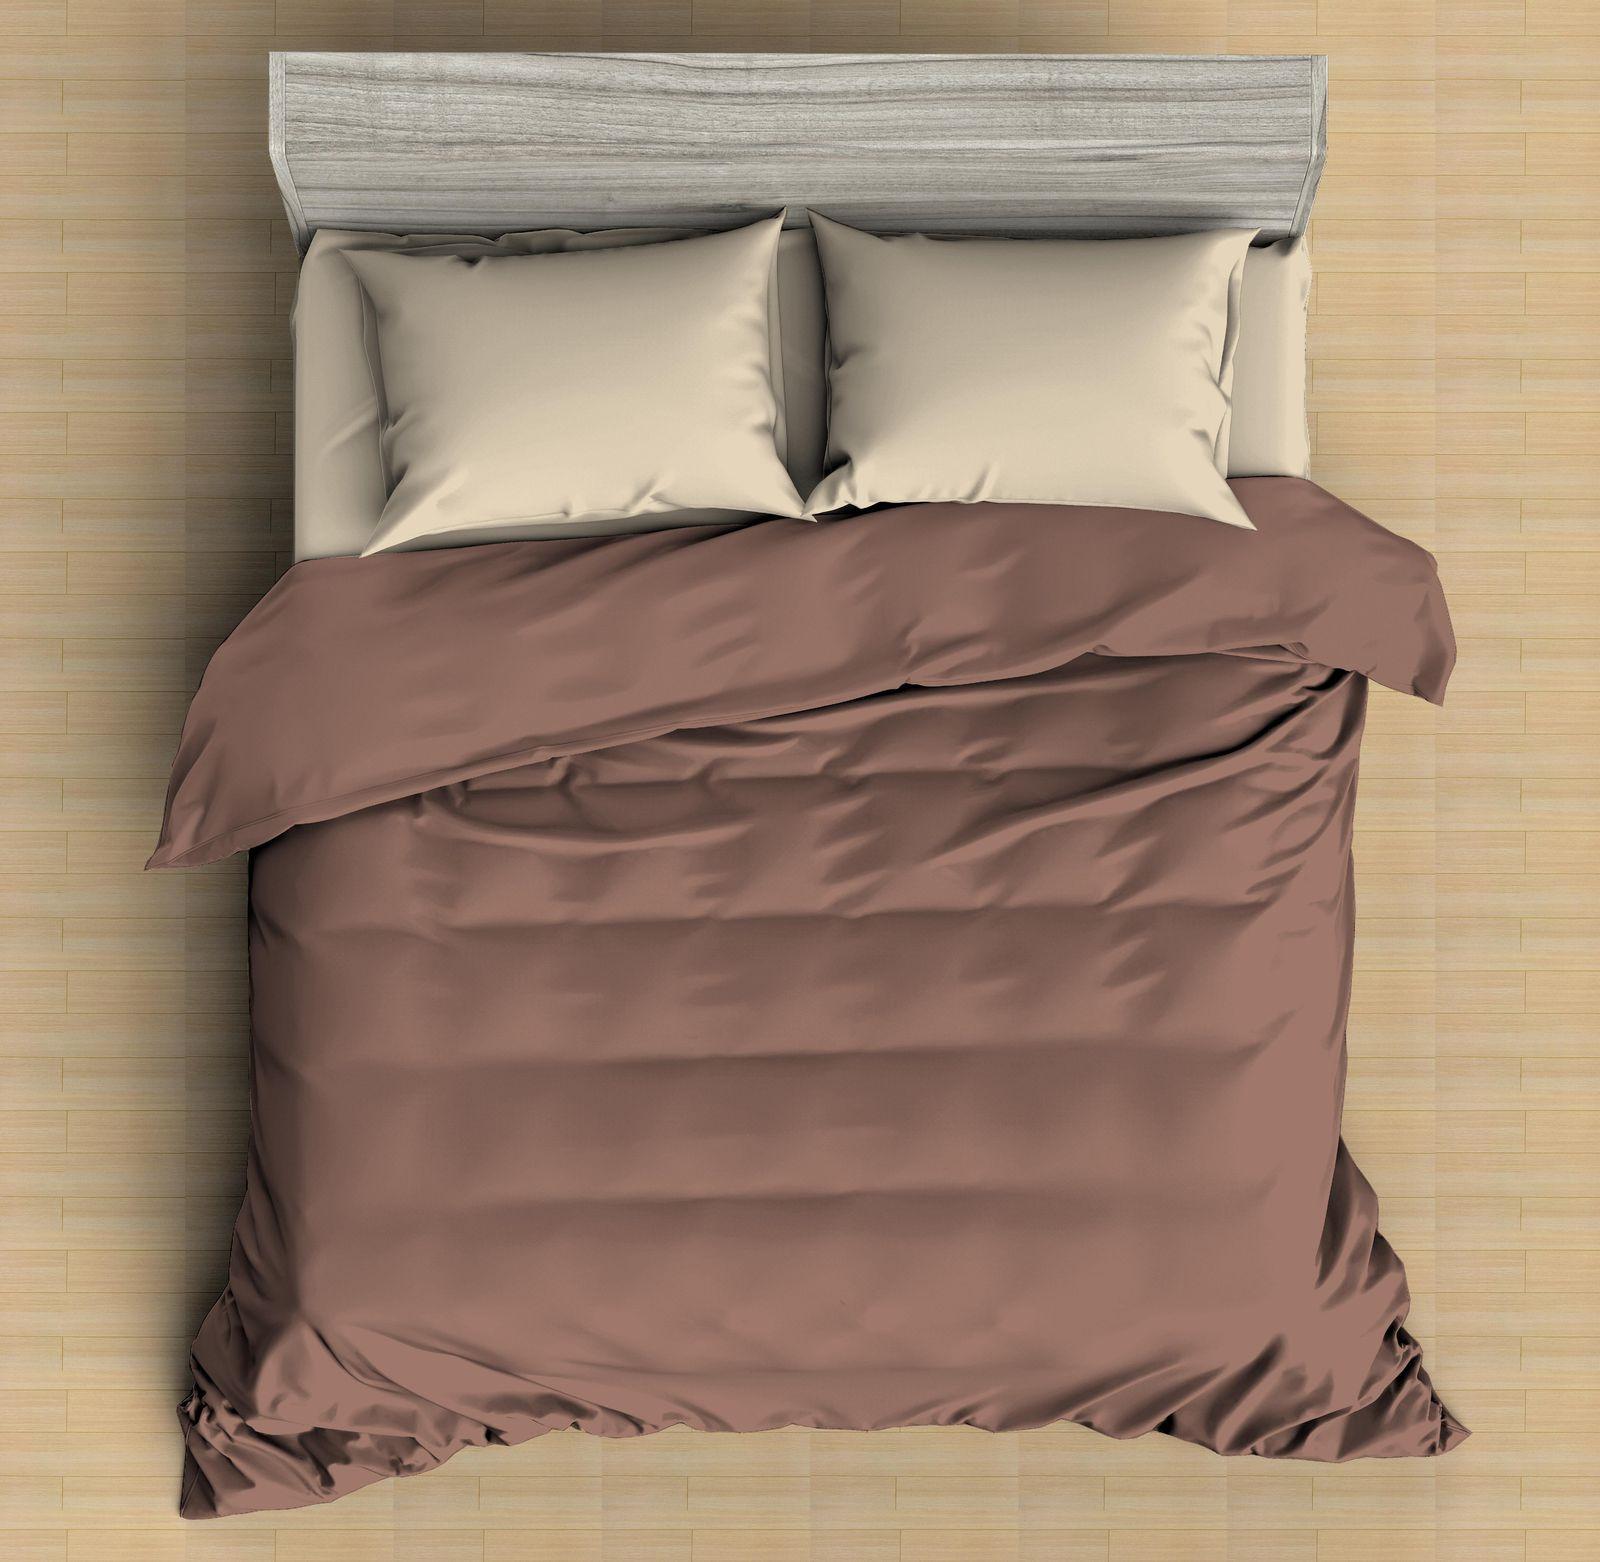 Комплект постельного белья Amore Mio Макосатин Arthur, 9562, фиолетовый, 2-спальный, наволочки 70x70